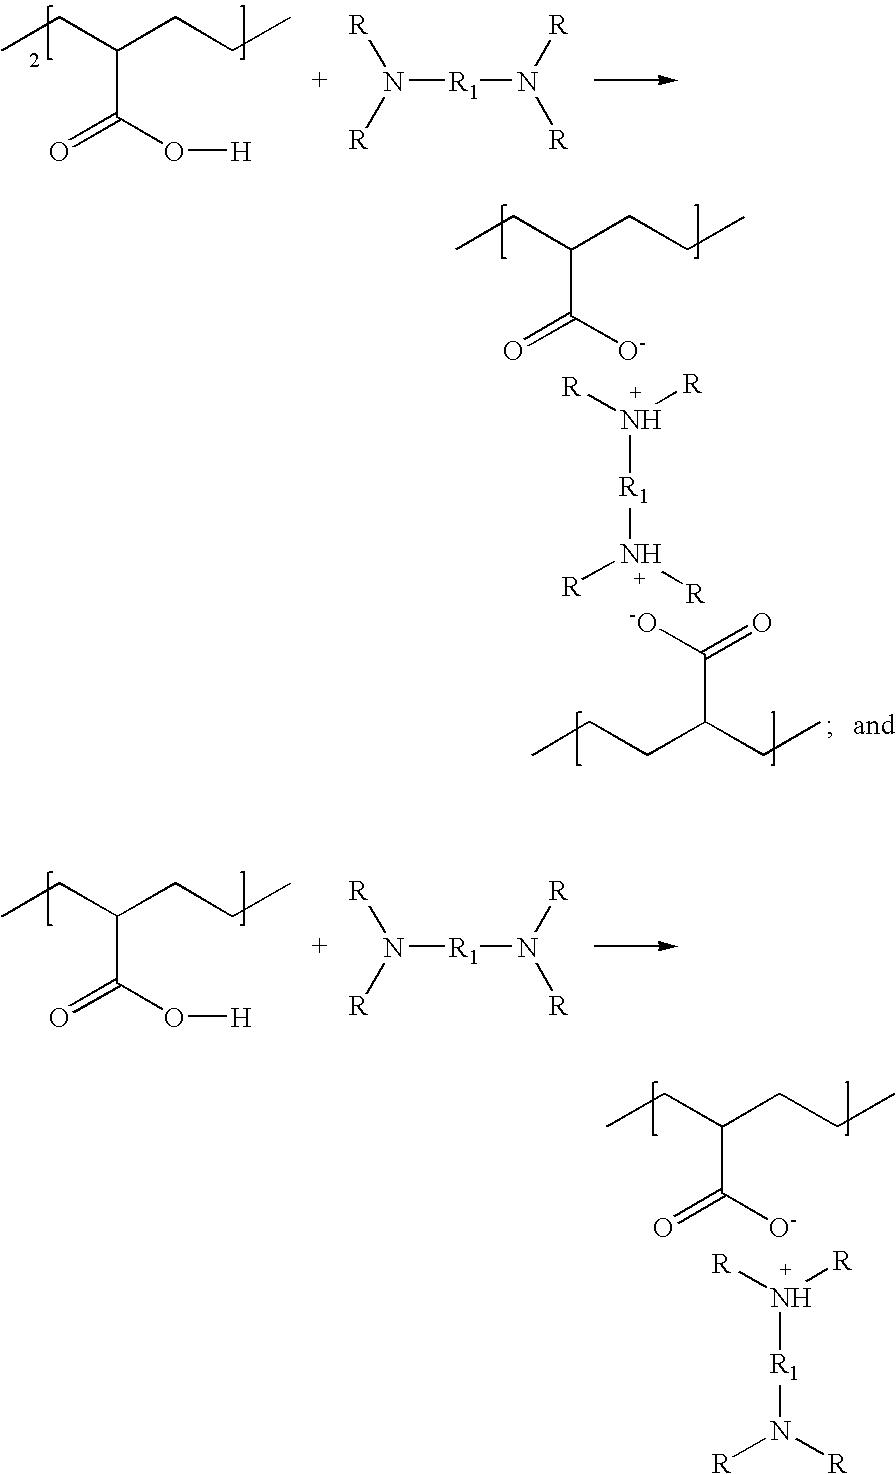 Figure US20100048327A1-20100225-C00015